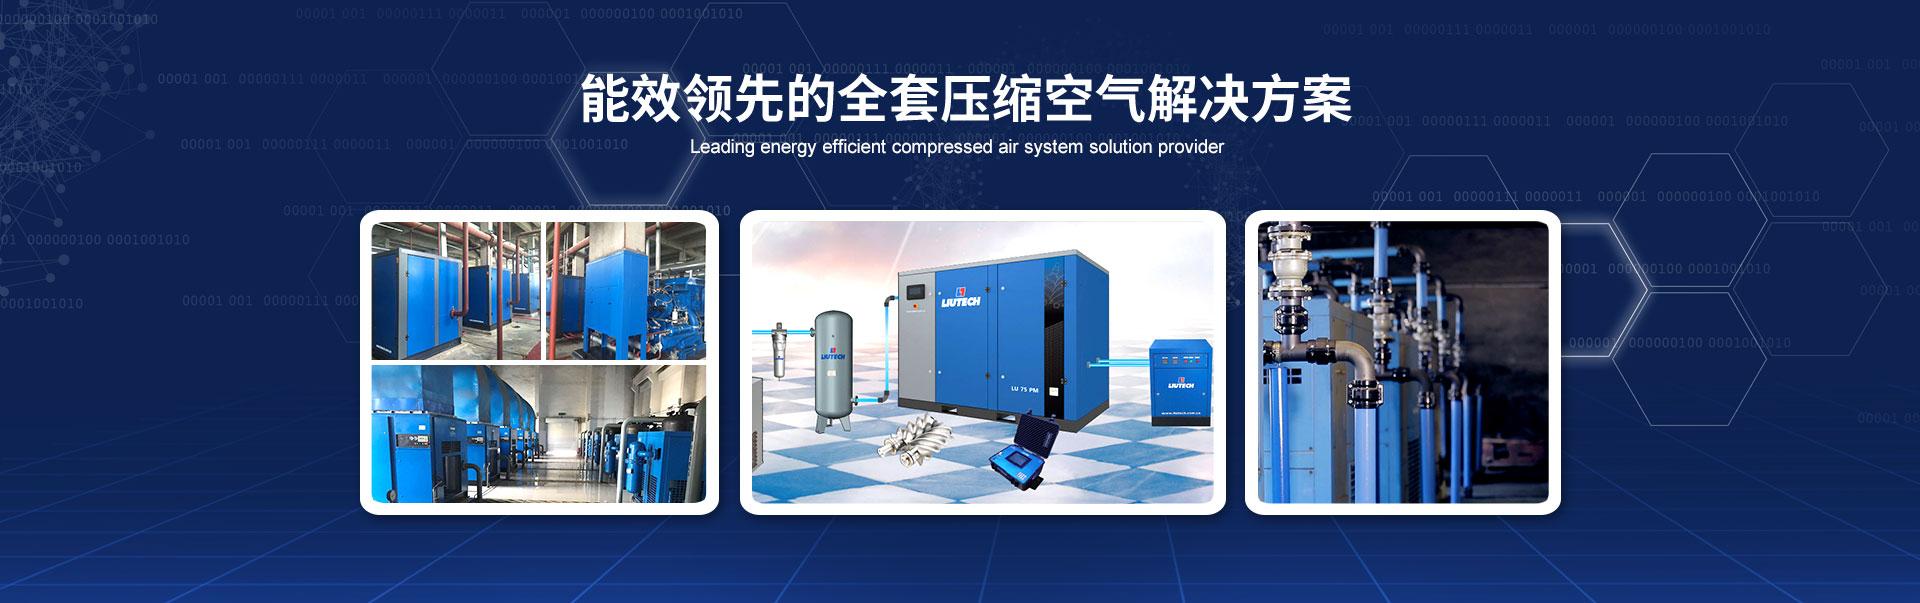 空压机的安装标准与要求